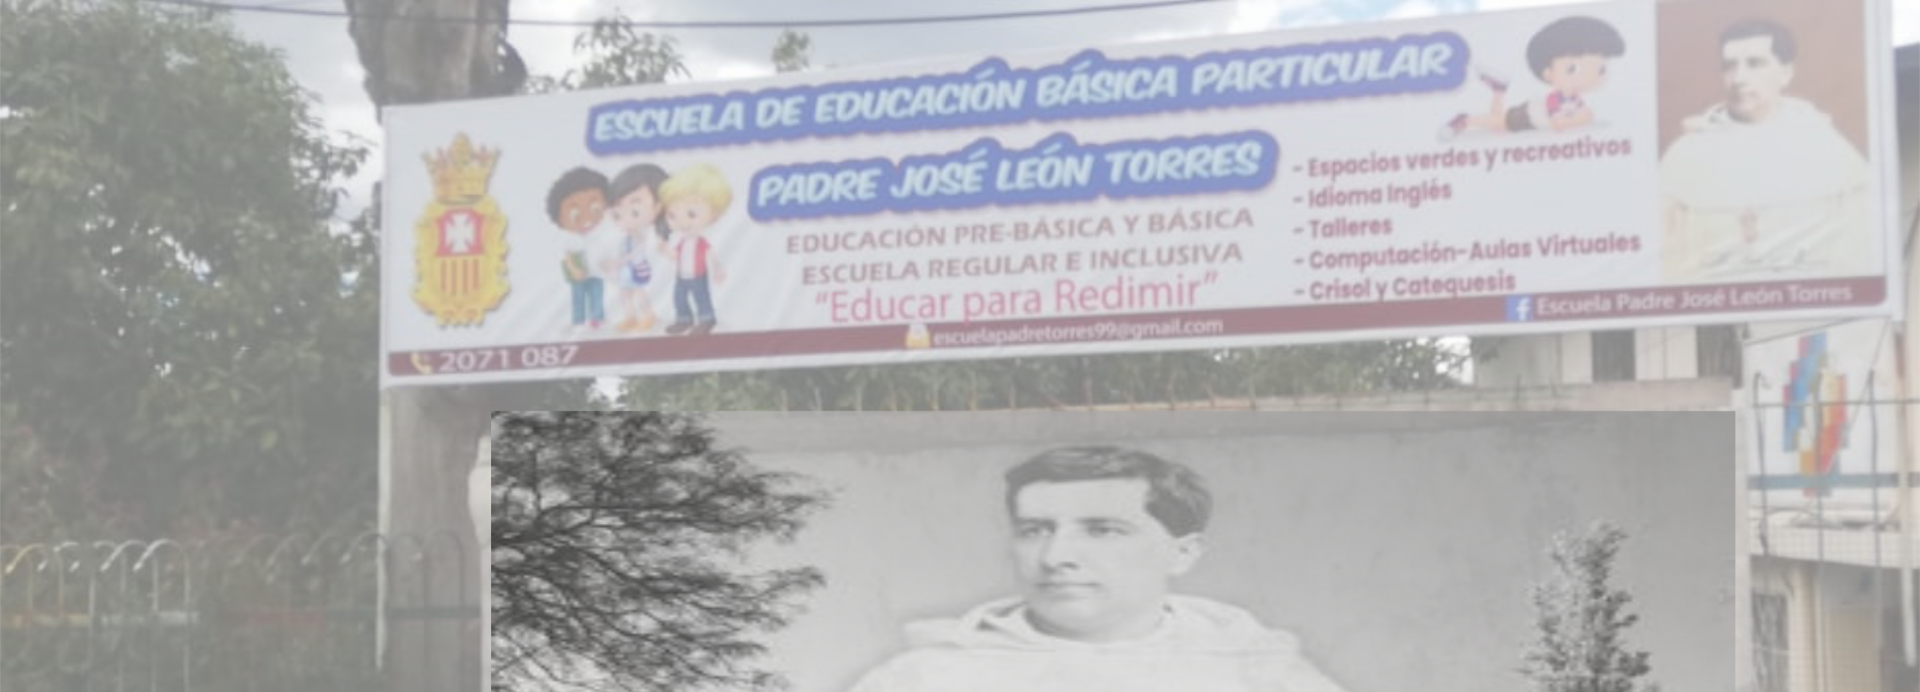 Escuela Padre Jose León Torres